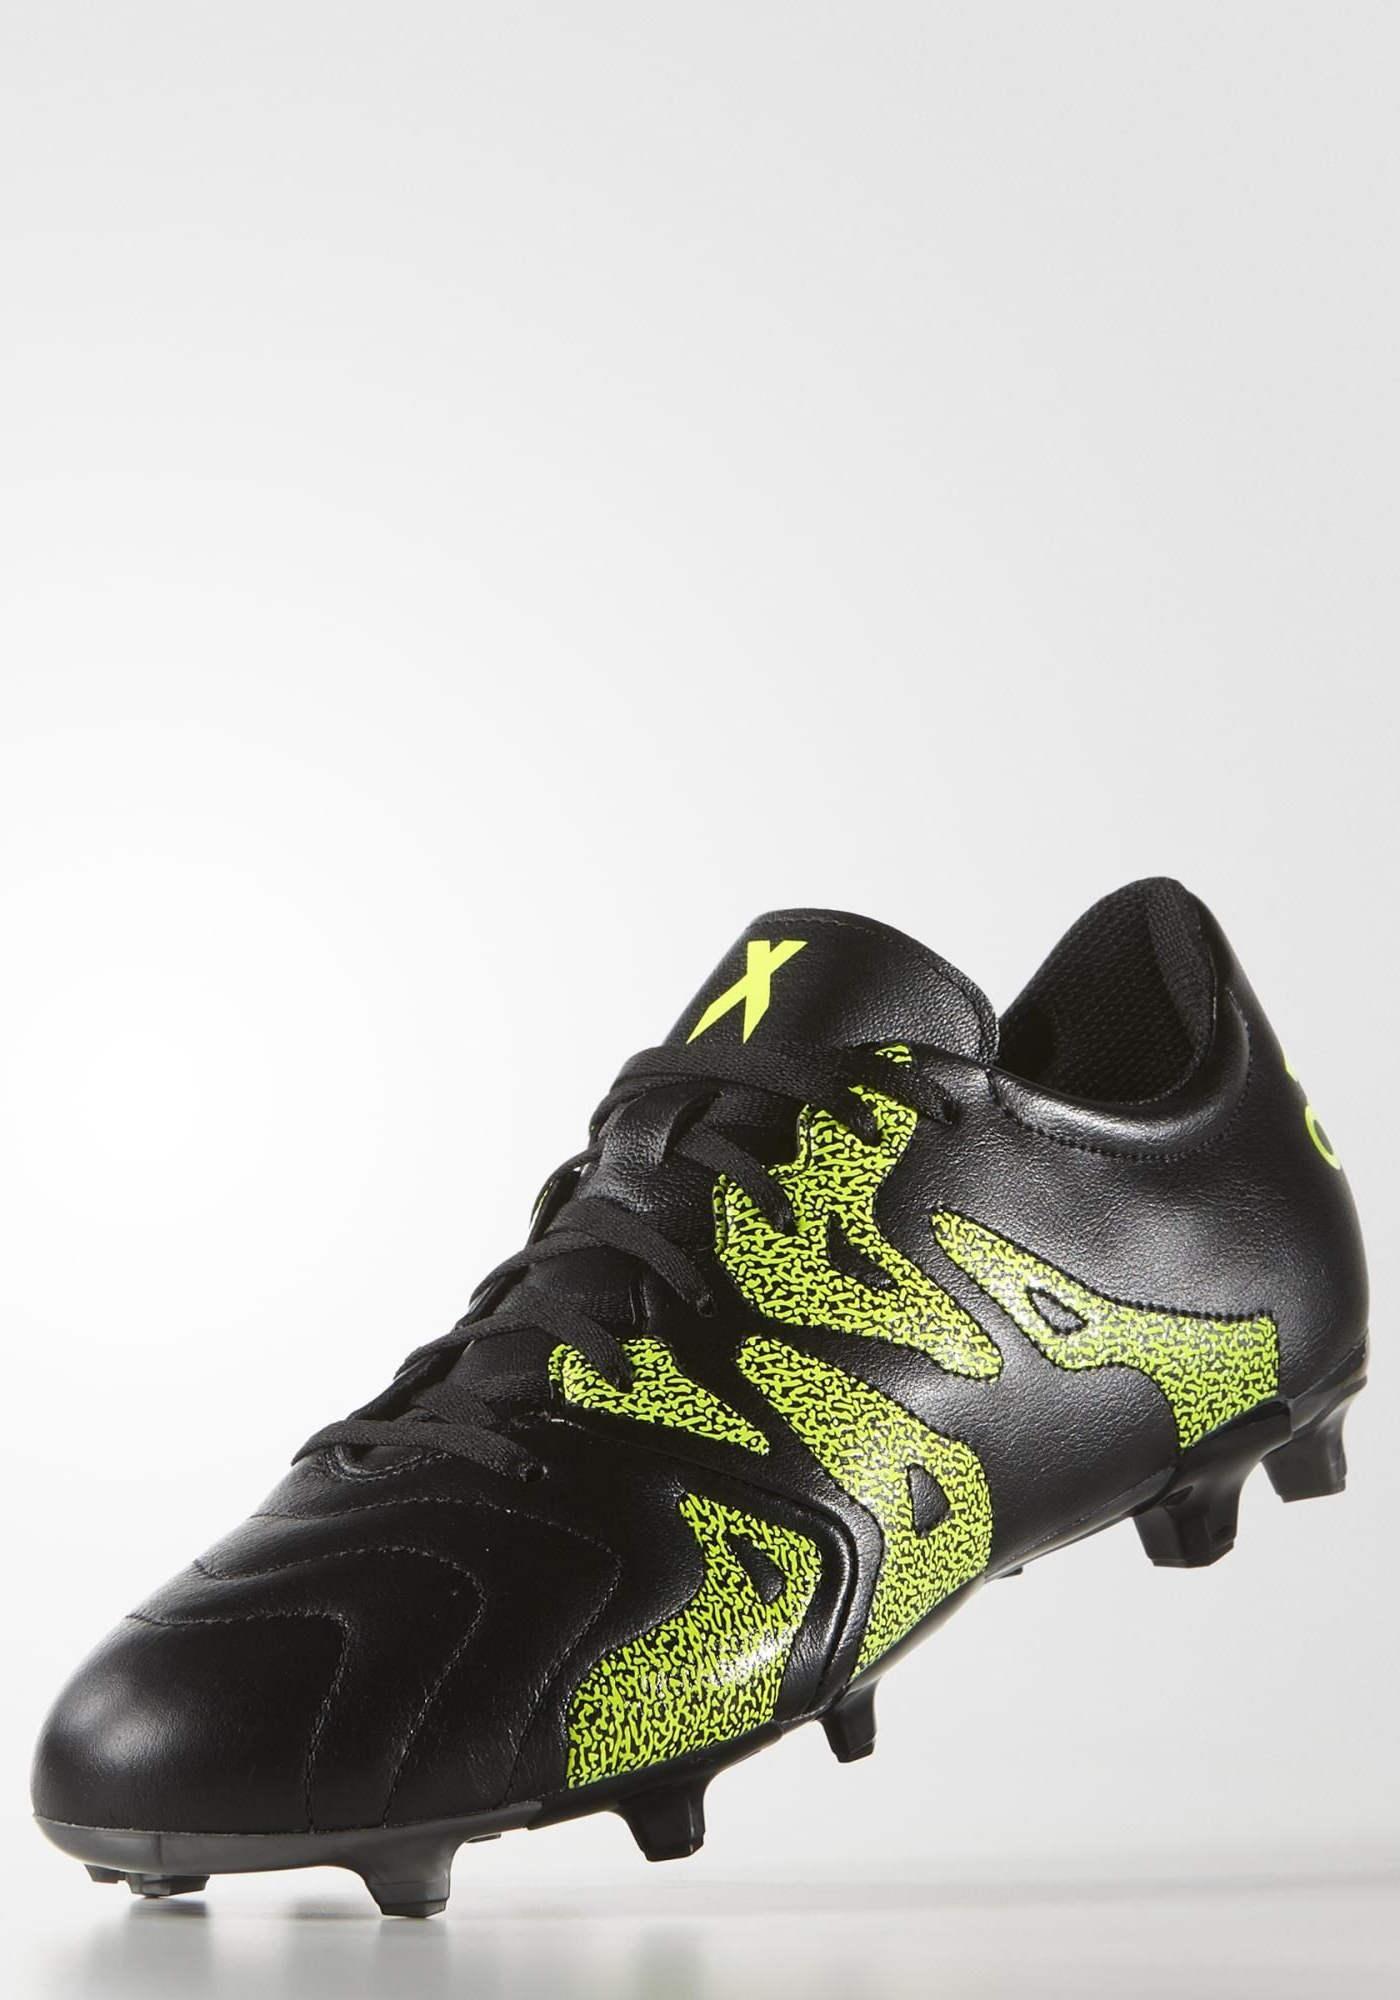 adidas nere e gialle calcio